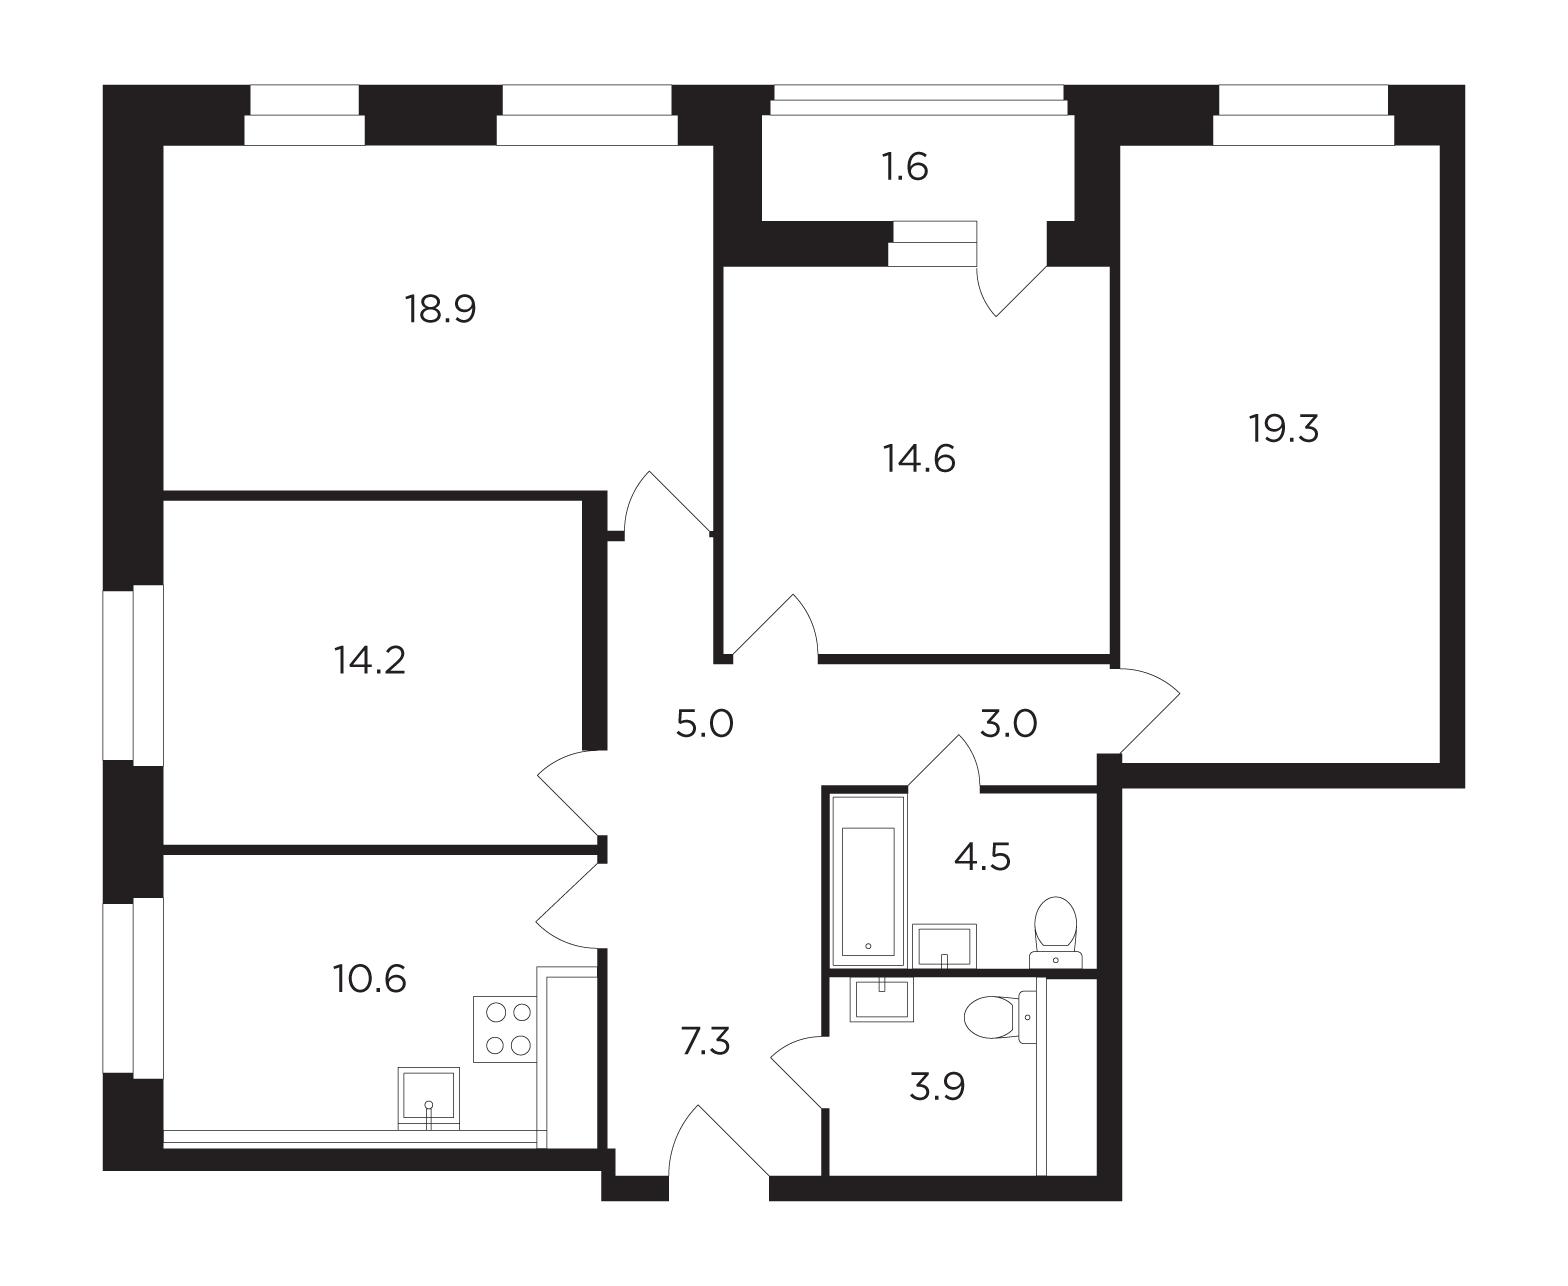 Продаётся 4-комнатная квартира в новостройке 102.7 кв.м. этаж 9/17 за 21 715 200 руб